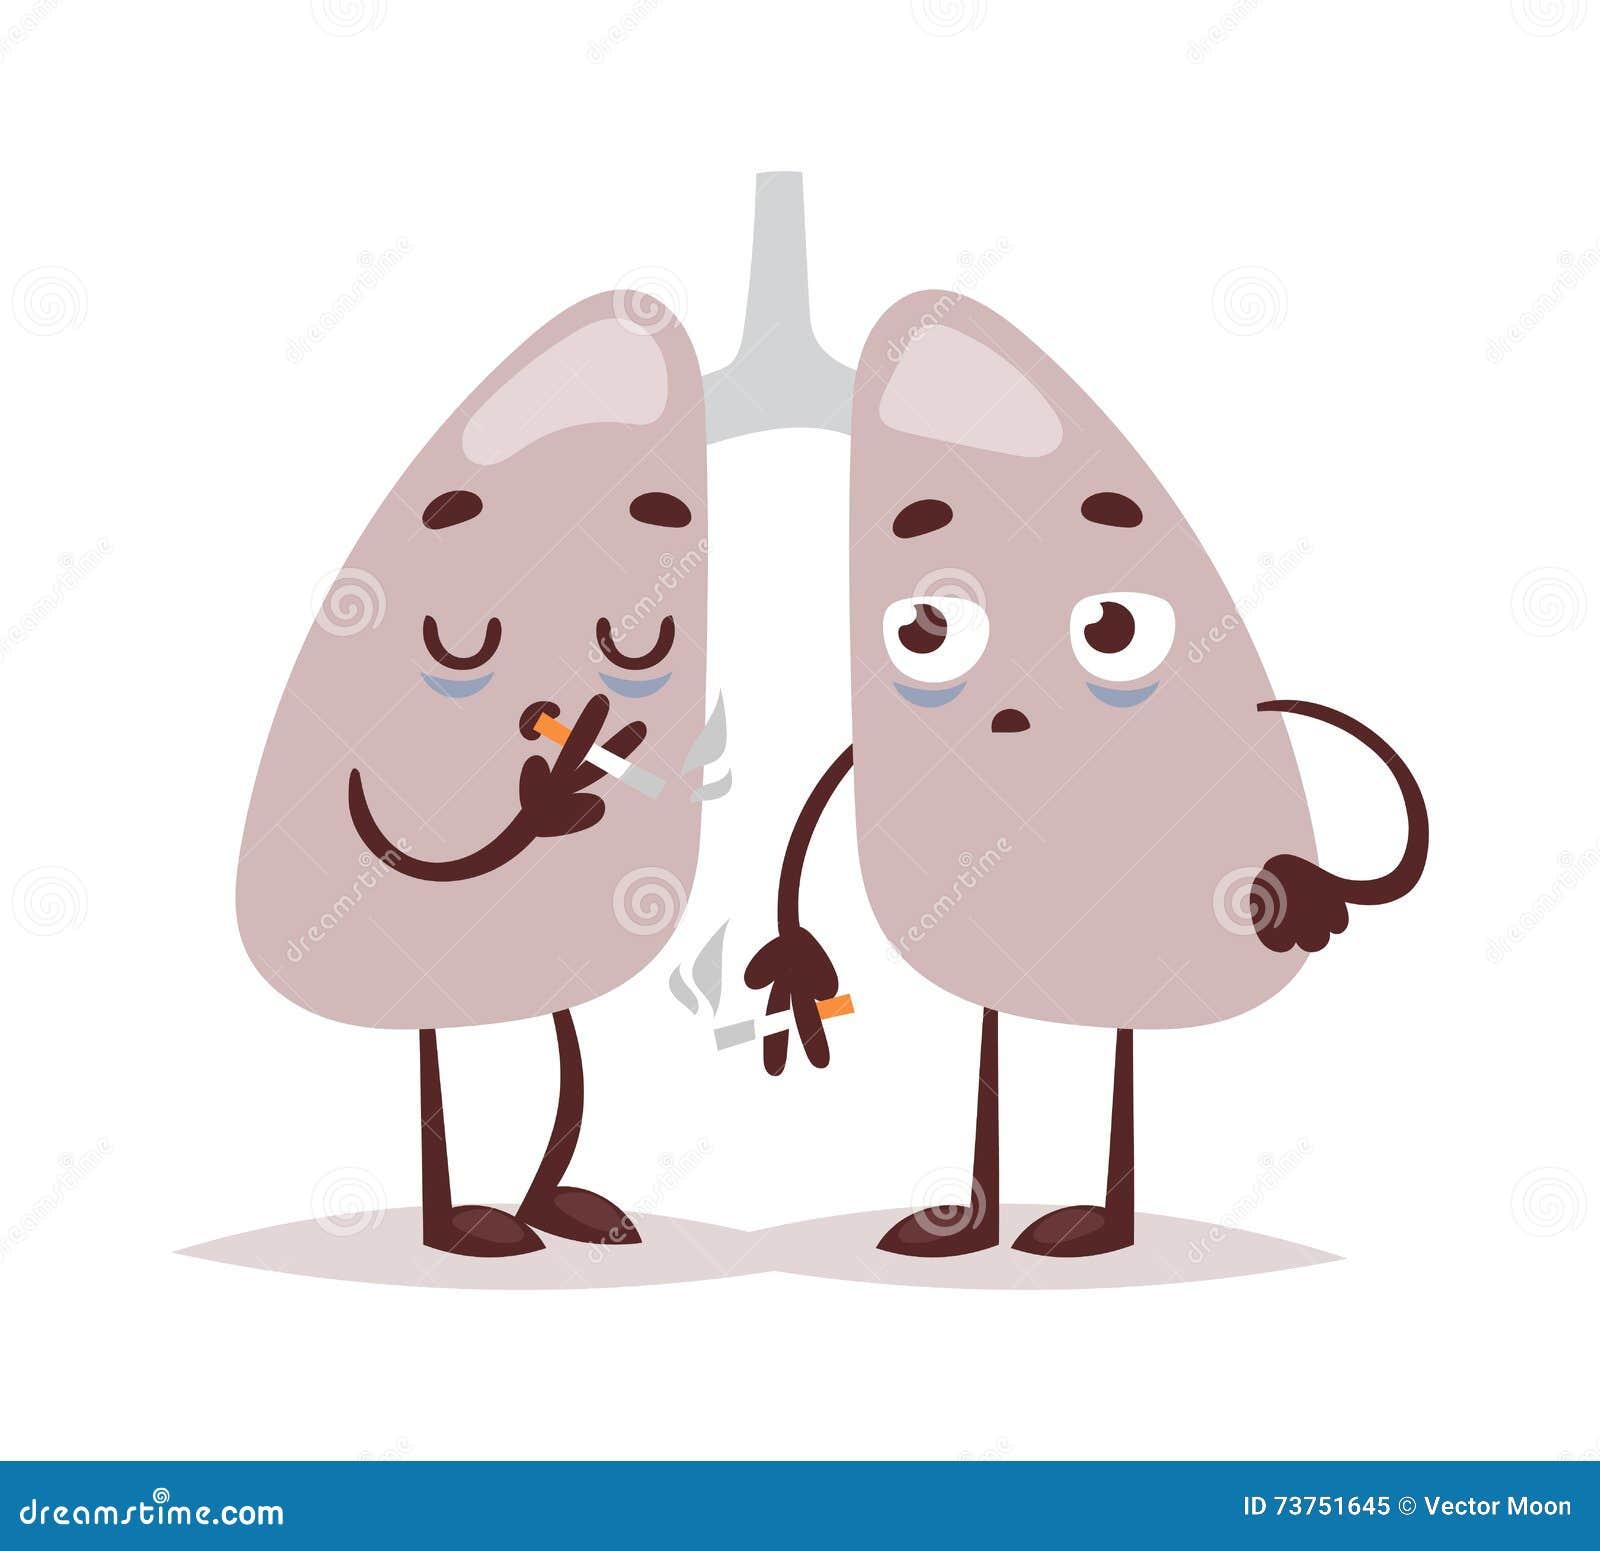 Enfermedades del sistema respiratorio tabaquismo